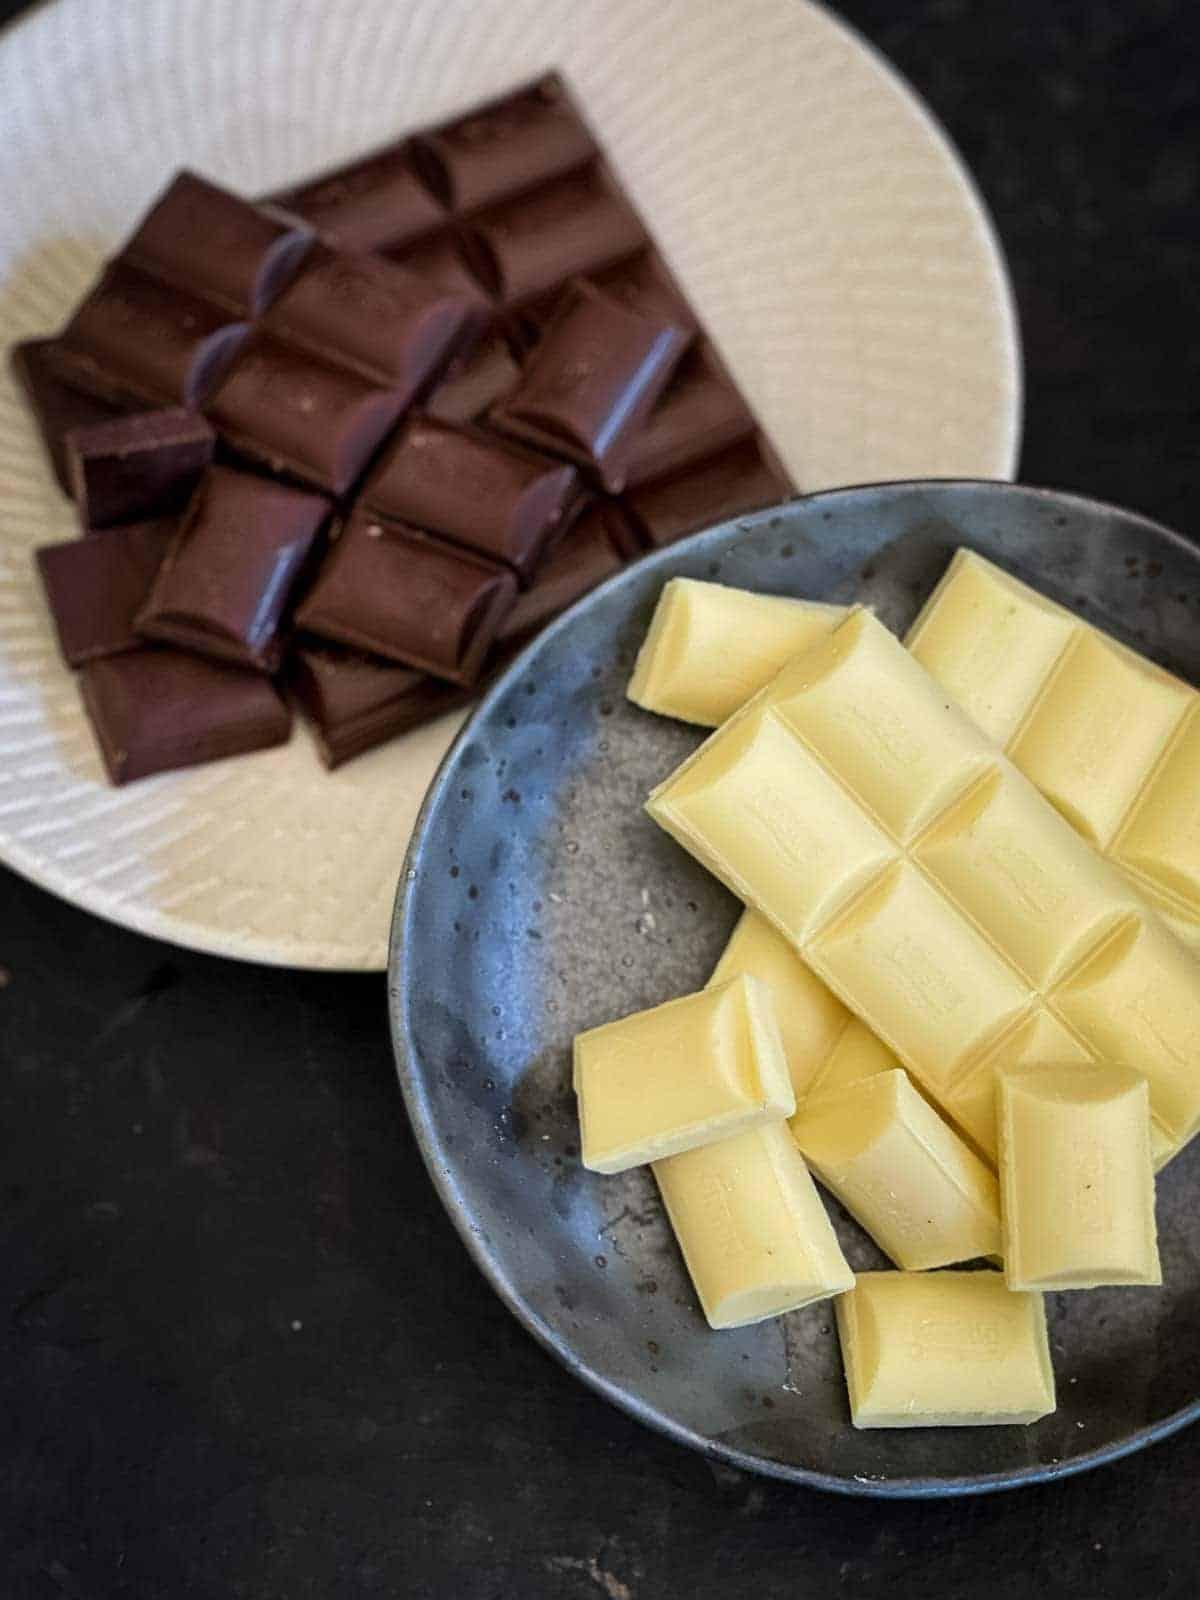 Dark and white melting chocolate